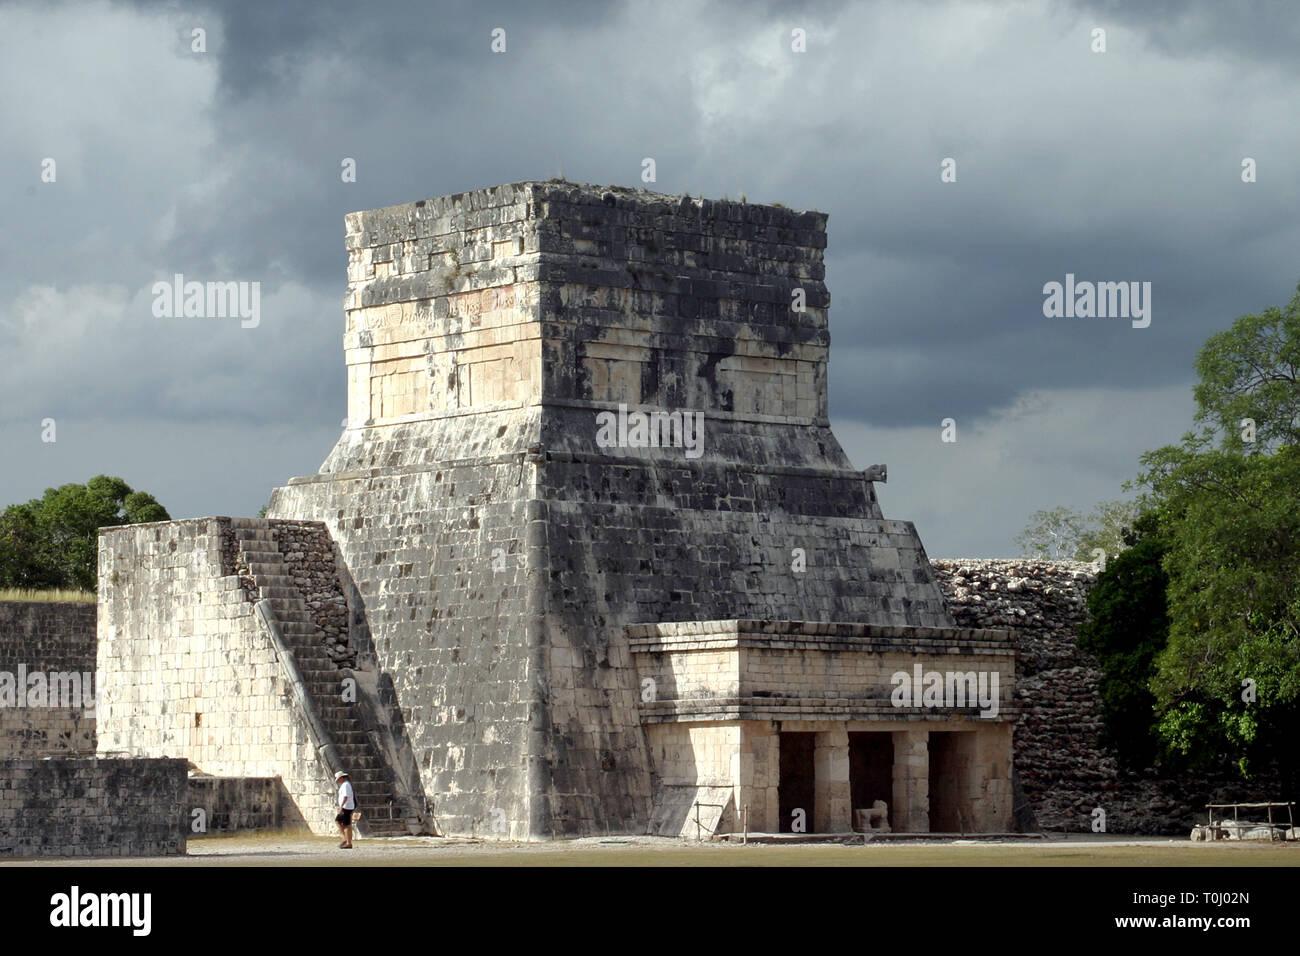 Zona arqueologica de Chichen Itza Zona arqueológica    Chichén ItzáChichén Itzá maya: (Chichén) Boca del pozo;   de los (Itzá) brujos de agua.   Es uno de los principales sitios arqueológicos de la   península de Yucatán, en México, ubicado en el municipio de Tinum.  *Photo:©Francisco*Morales/DAMMPHOTO.COM/NORTEPHOTO Stock Photo